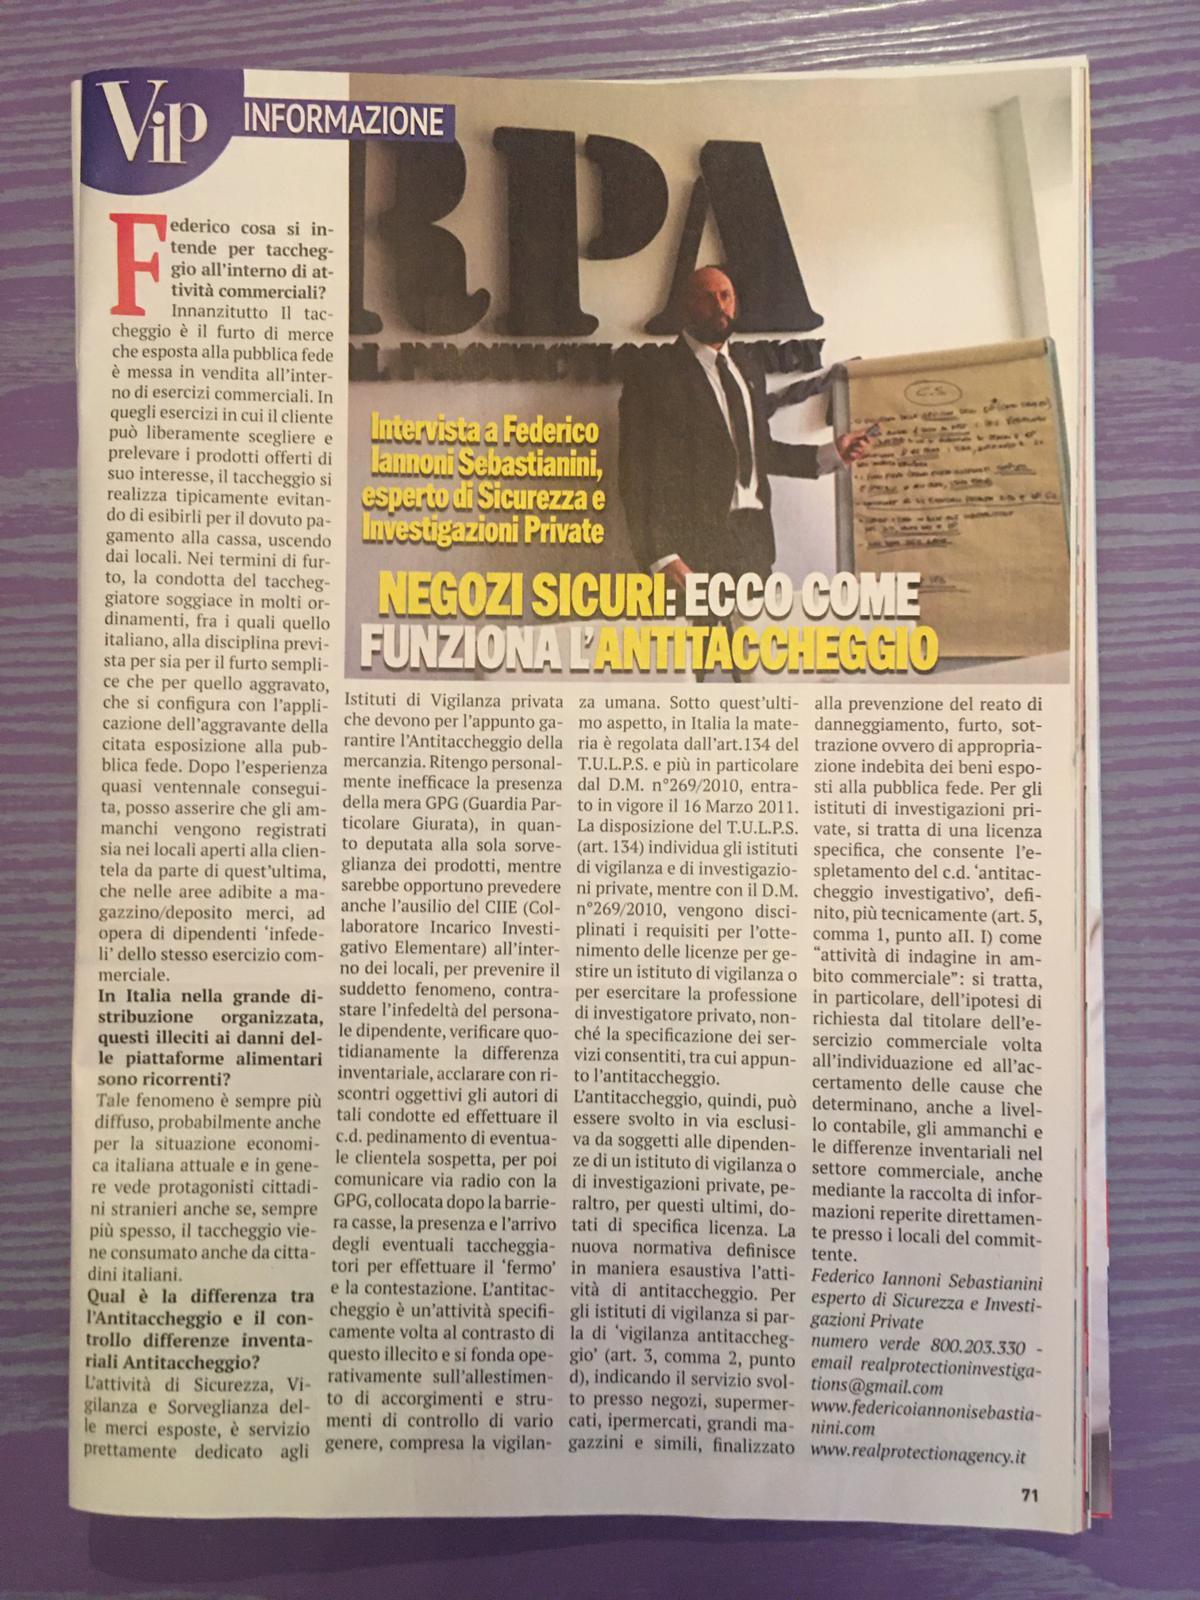 Intervista a Federico Iannoni Sebastianini su settimanle VIP su tematica #Antitaccheggio (3)